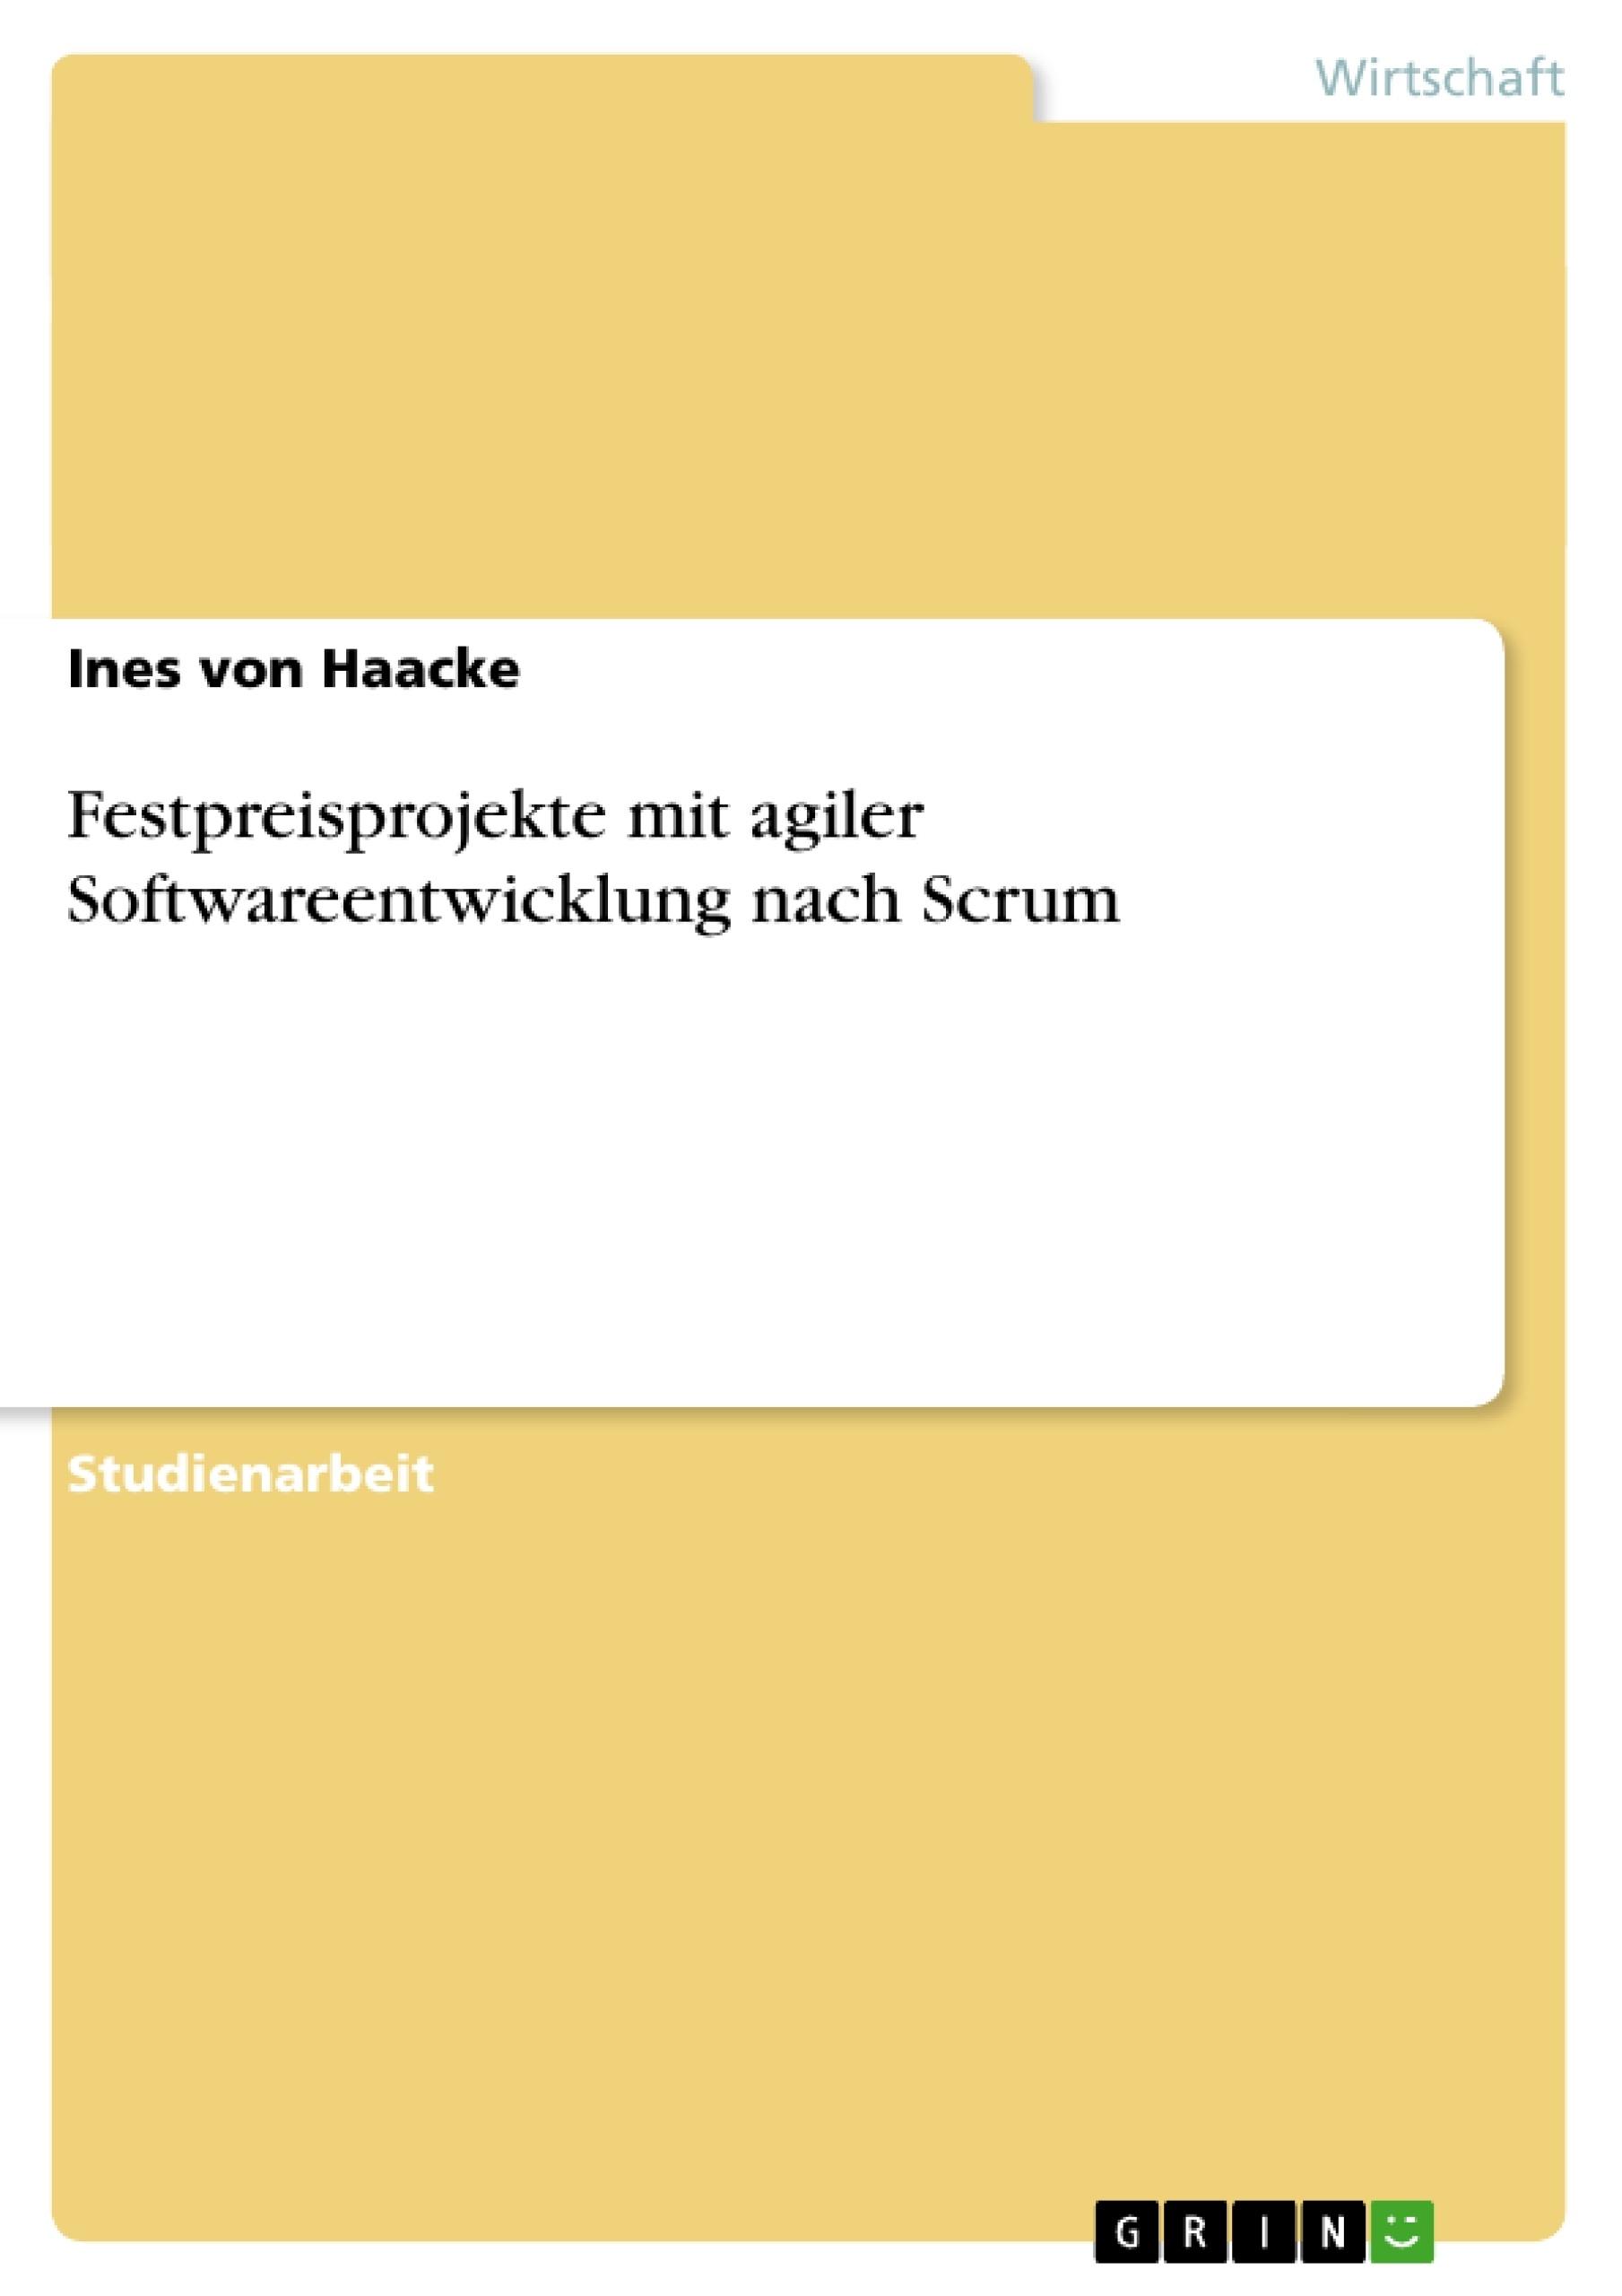 Titel: Festpreisprojekte mit agiler Softwareentwicklung nach Scrum